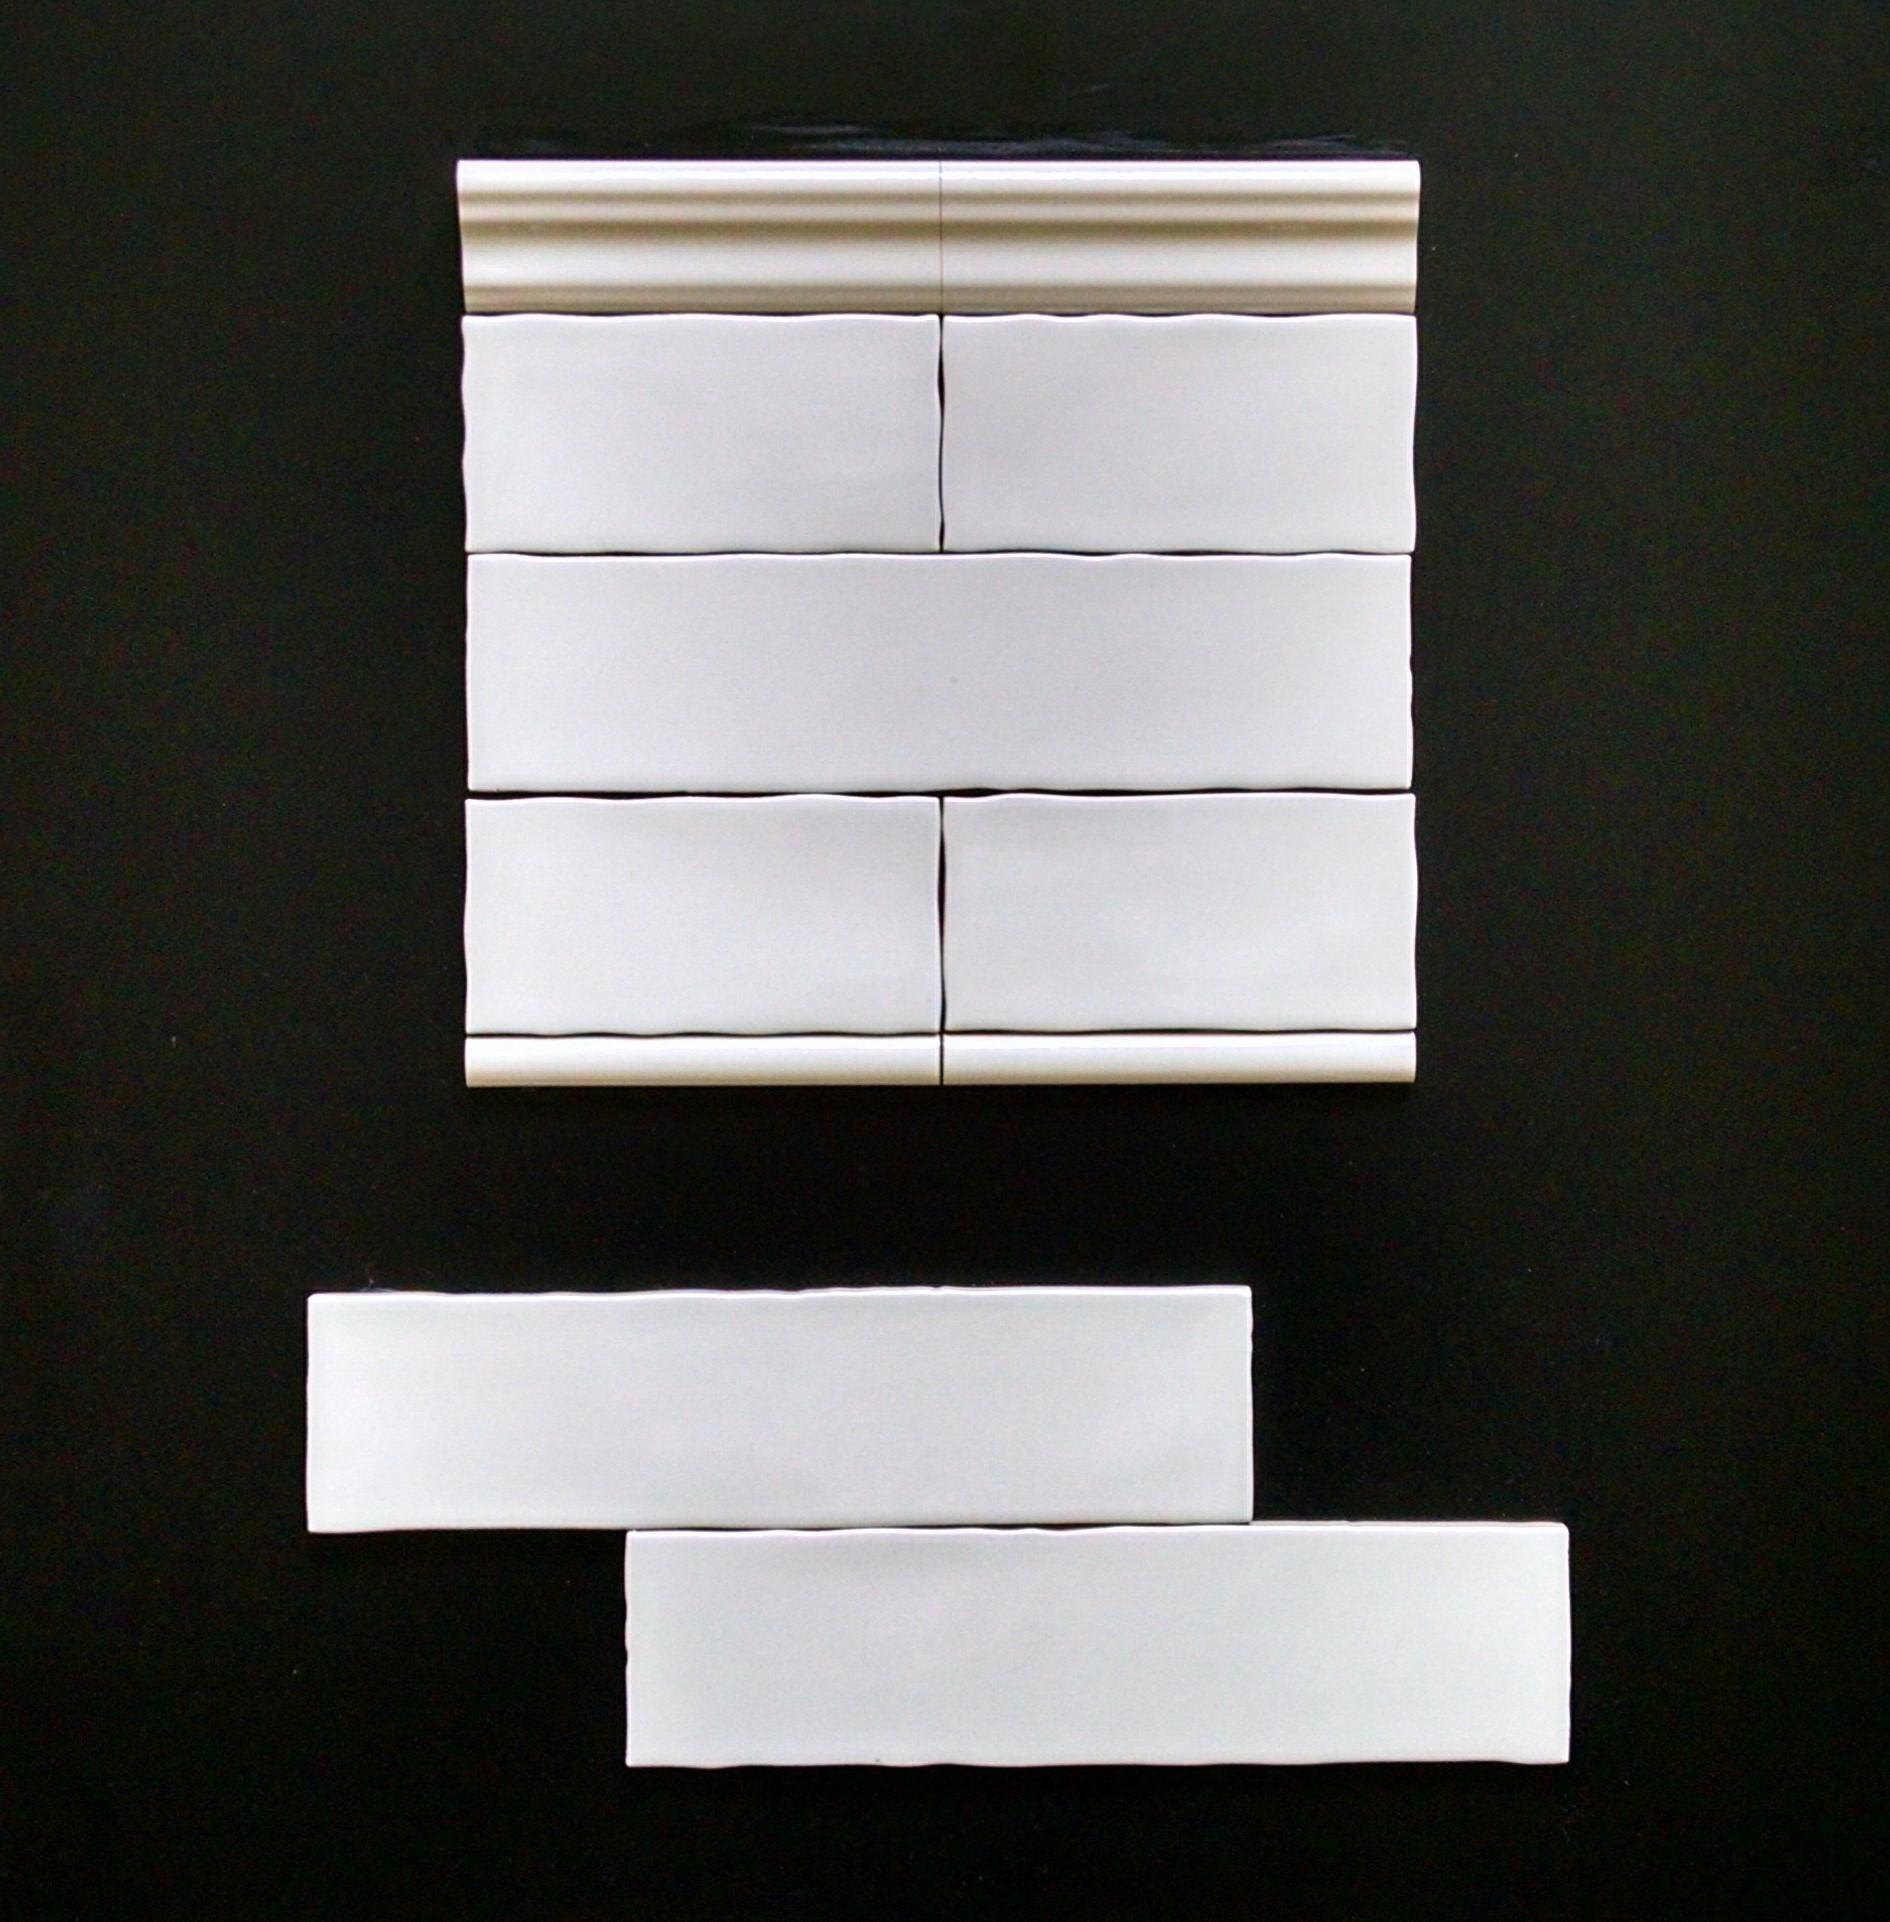 """METRO ASH   3""""X6"""" - 88 PC/CTN (10.66 SF); 80 CTN/PLT  3""""X12"""" - 44 PC/CTN (10.66 SF); 80 CTN/PLT  3""""X6"""" BULLNOSE  2""""X6"""" CHAIRRAIL  0.75""""X6"""" PENCIL"""